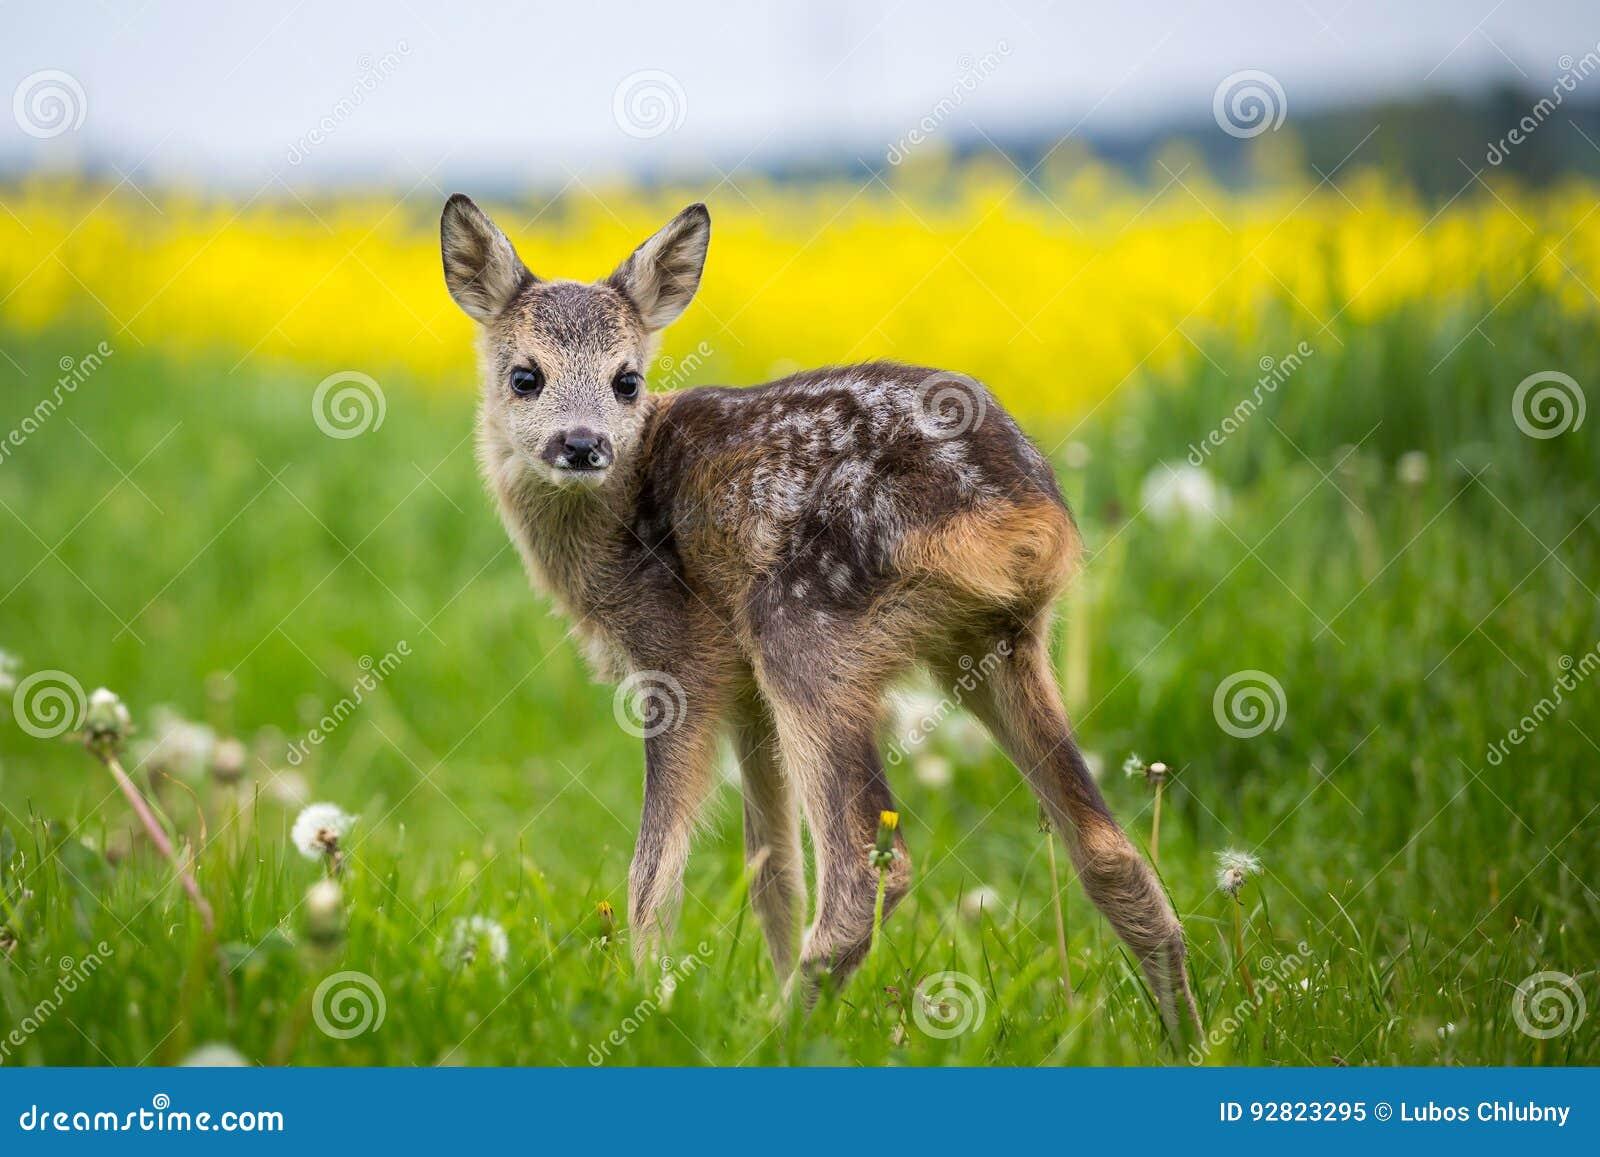 Молодые одичалые олени косуль в траве, capreolus Capreolus